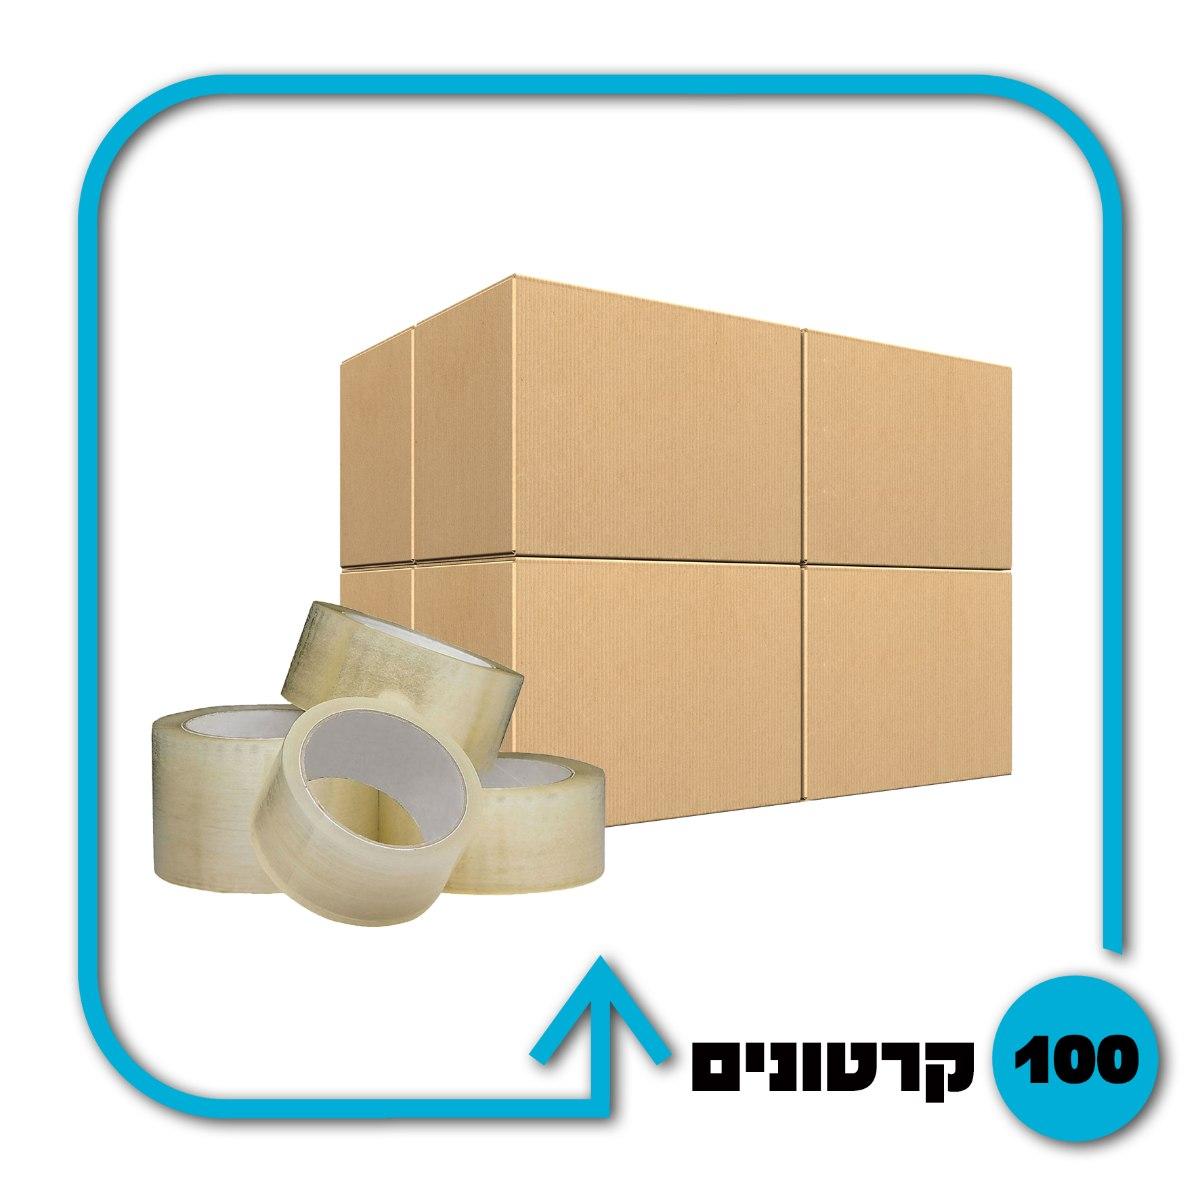 חבילת חומרי אריזה + 100 קרטונים - 5.5 חדרים